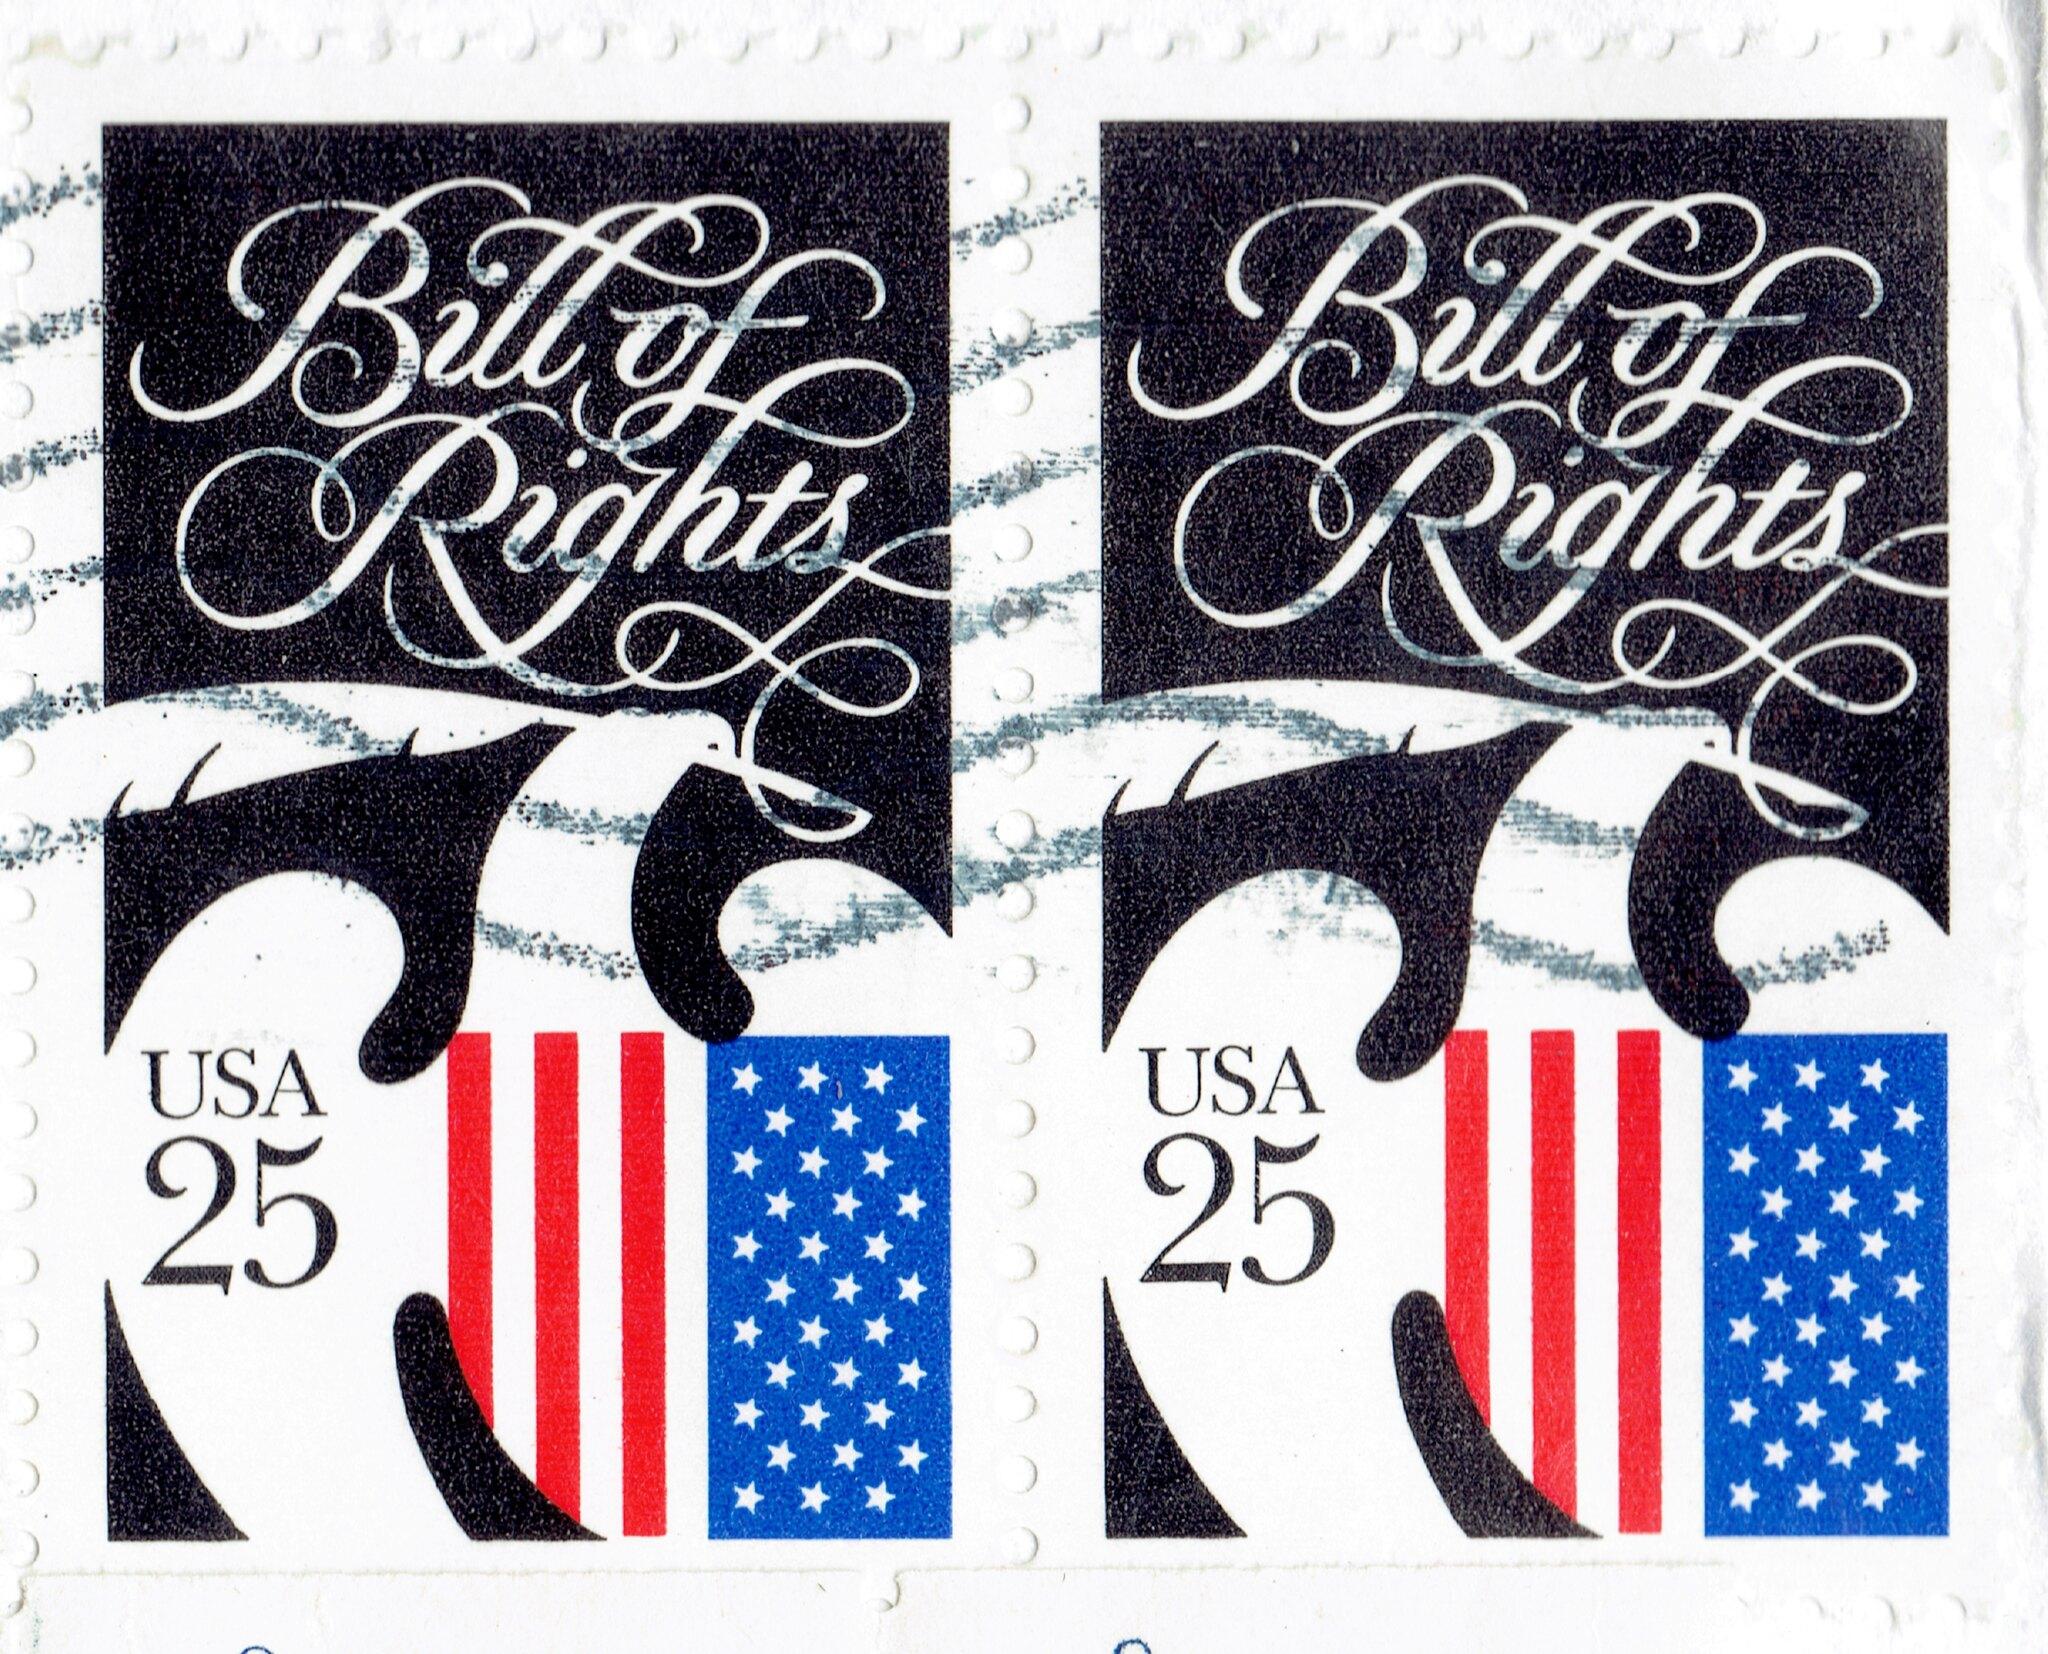 United States - Scott #2421 (1989)